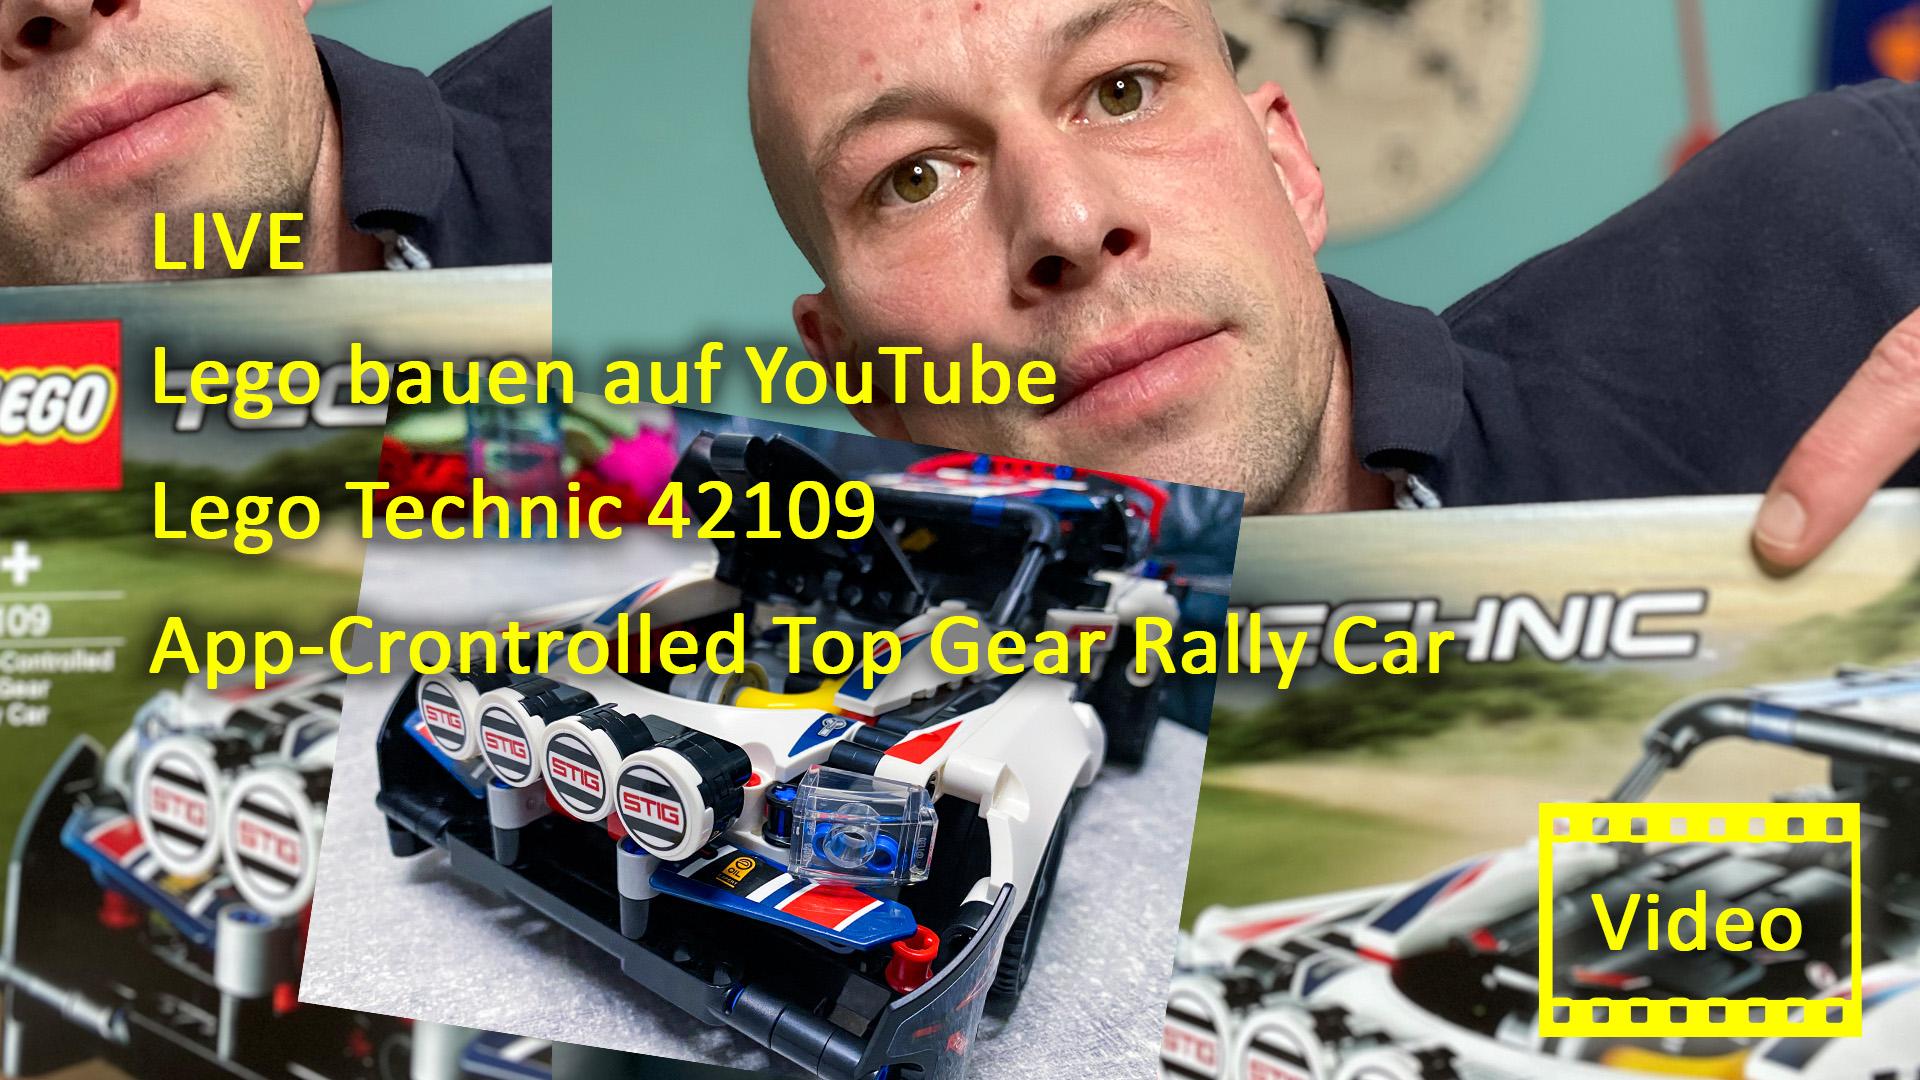 LIVE Lego bauen auf YouTube Lego Technic 42109 App-Crontrolled Top Gear Rally Car